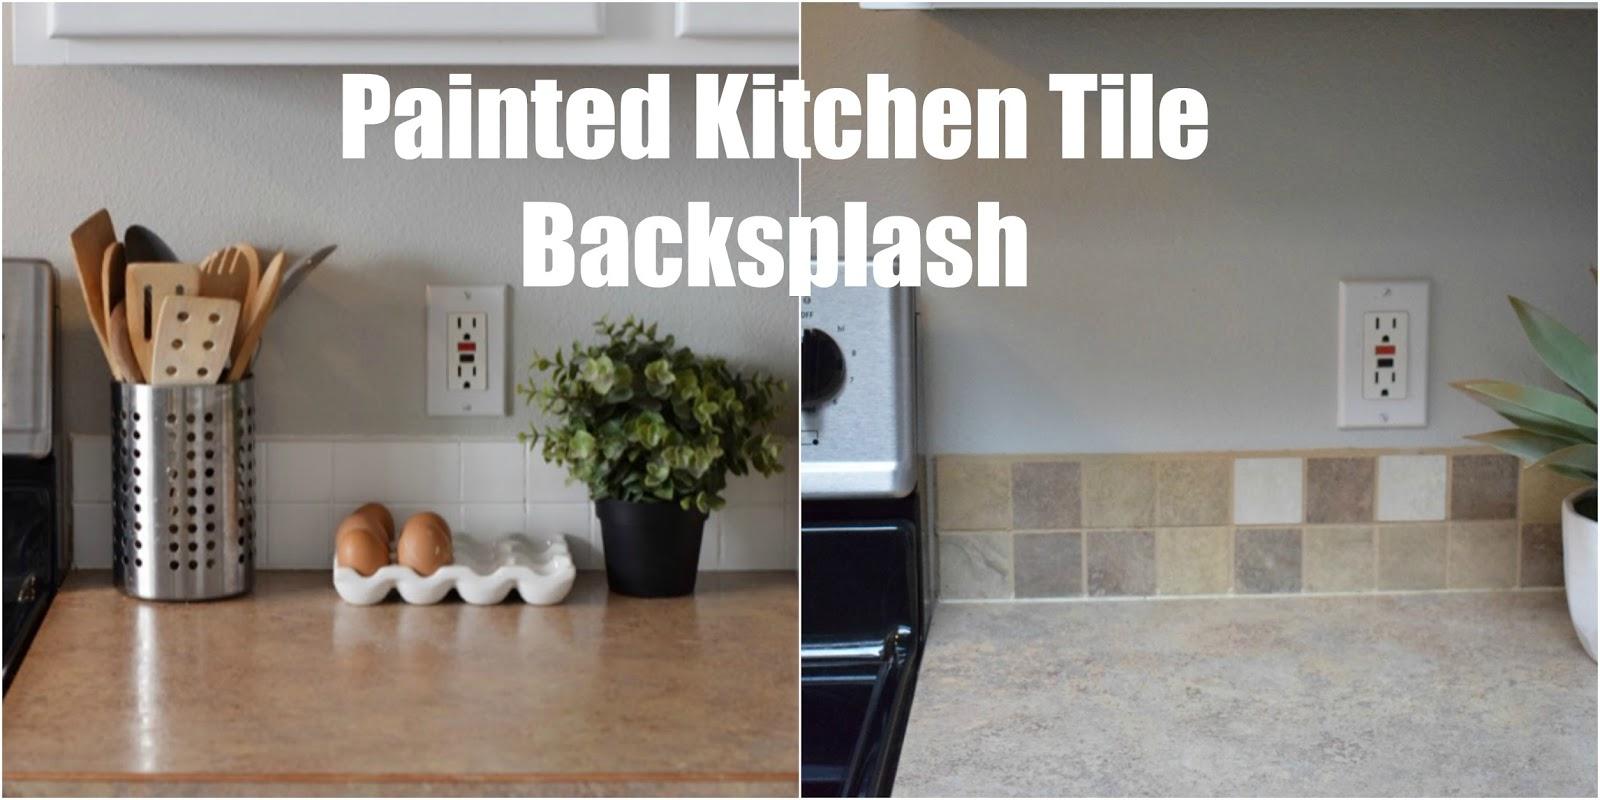 painted kitchen tile backsplash